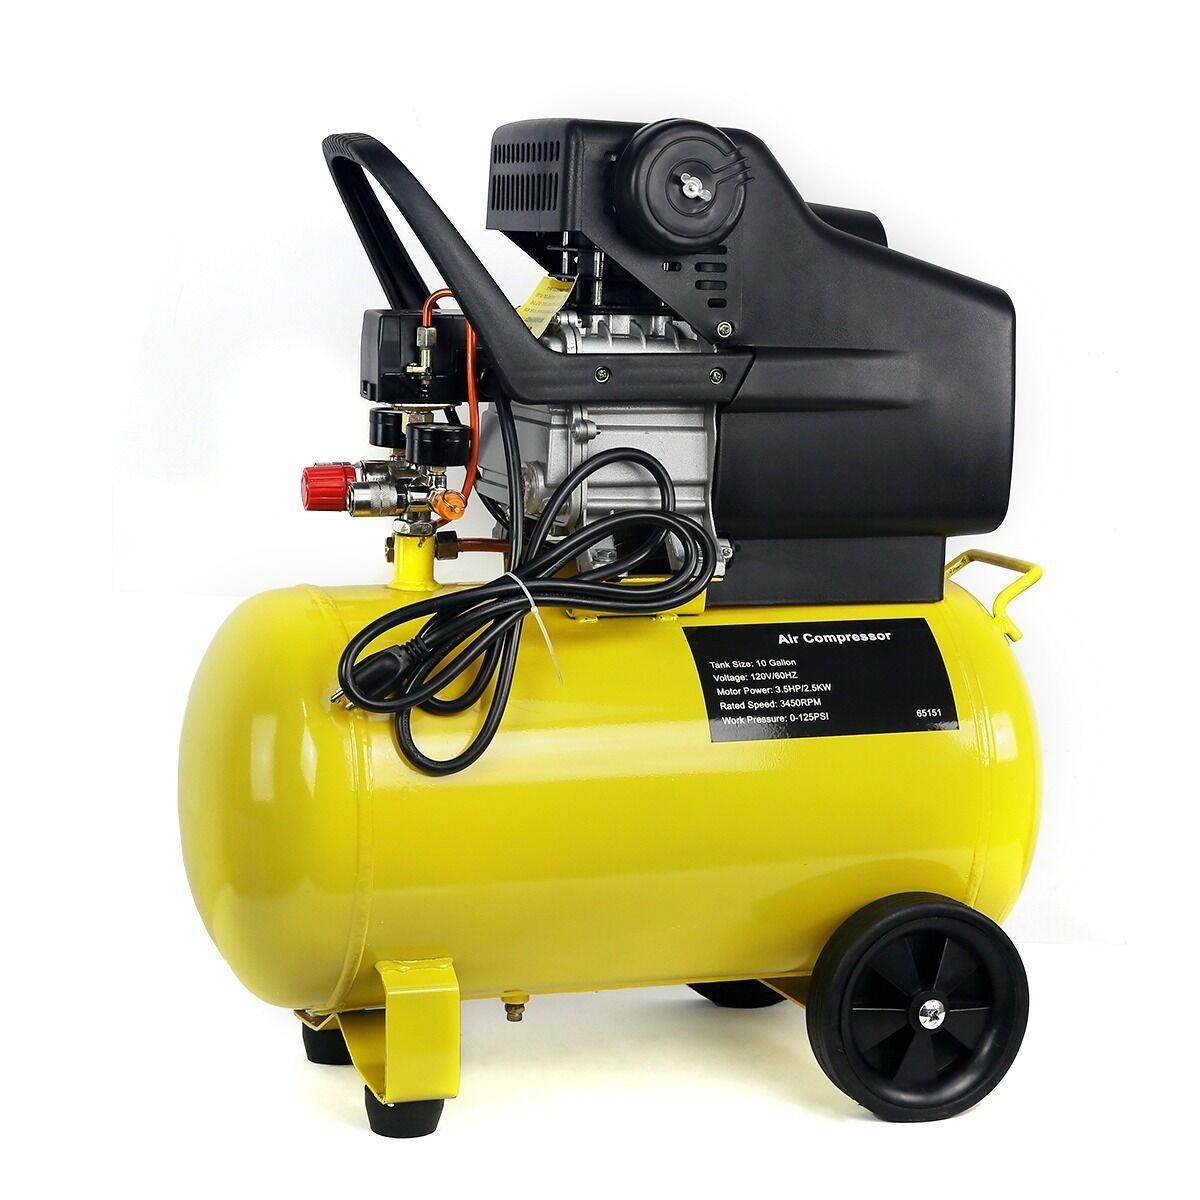 3.5 HP x 10 Gallon Air Compressor 125PSI Adjustable